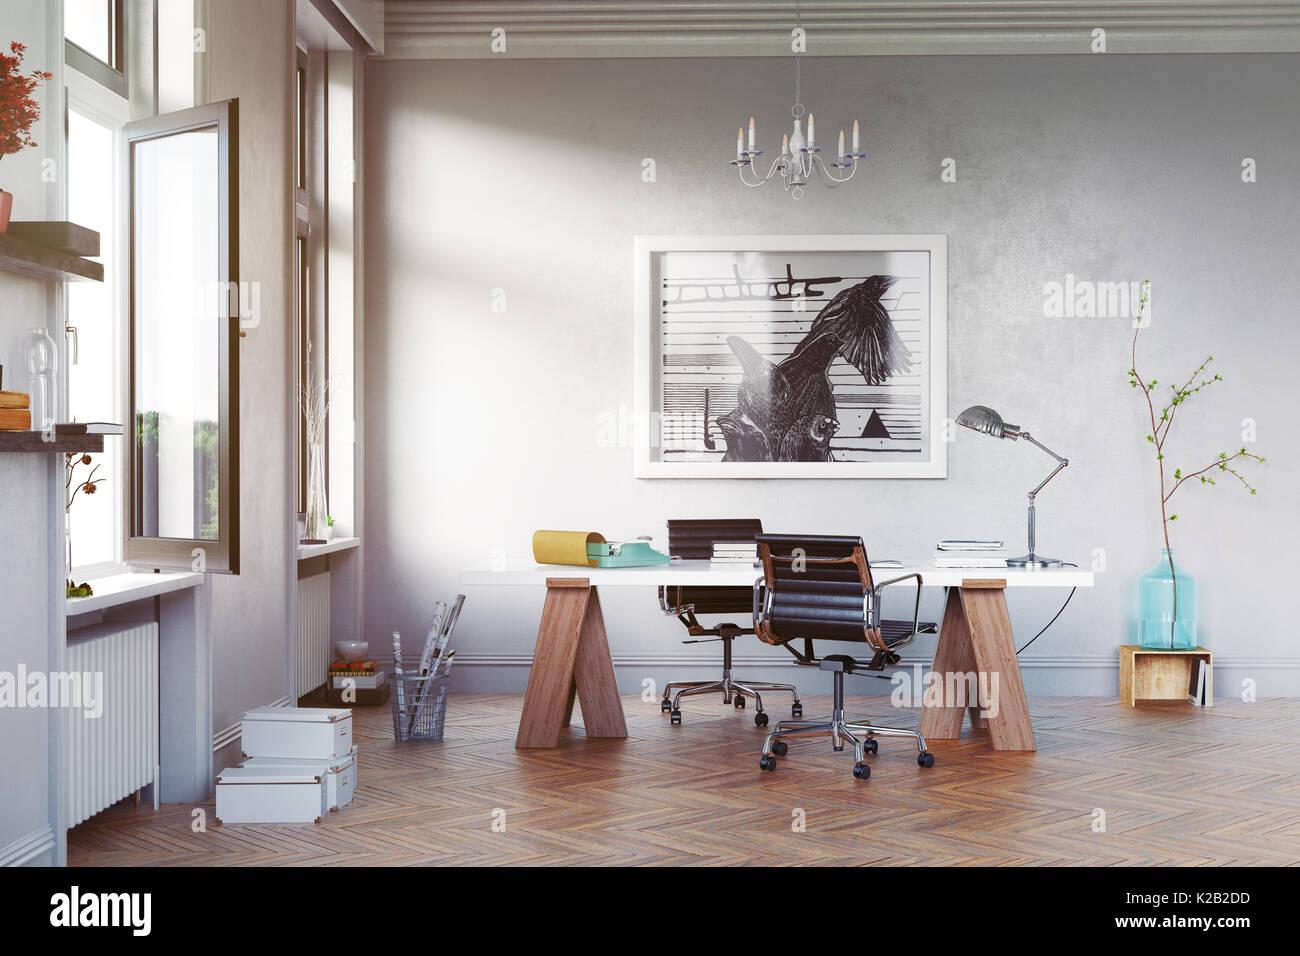 Moderno studio sala con tavolo e poltrone. 3D rendering concettuale Immagini Stock